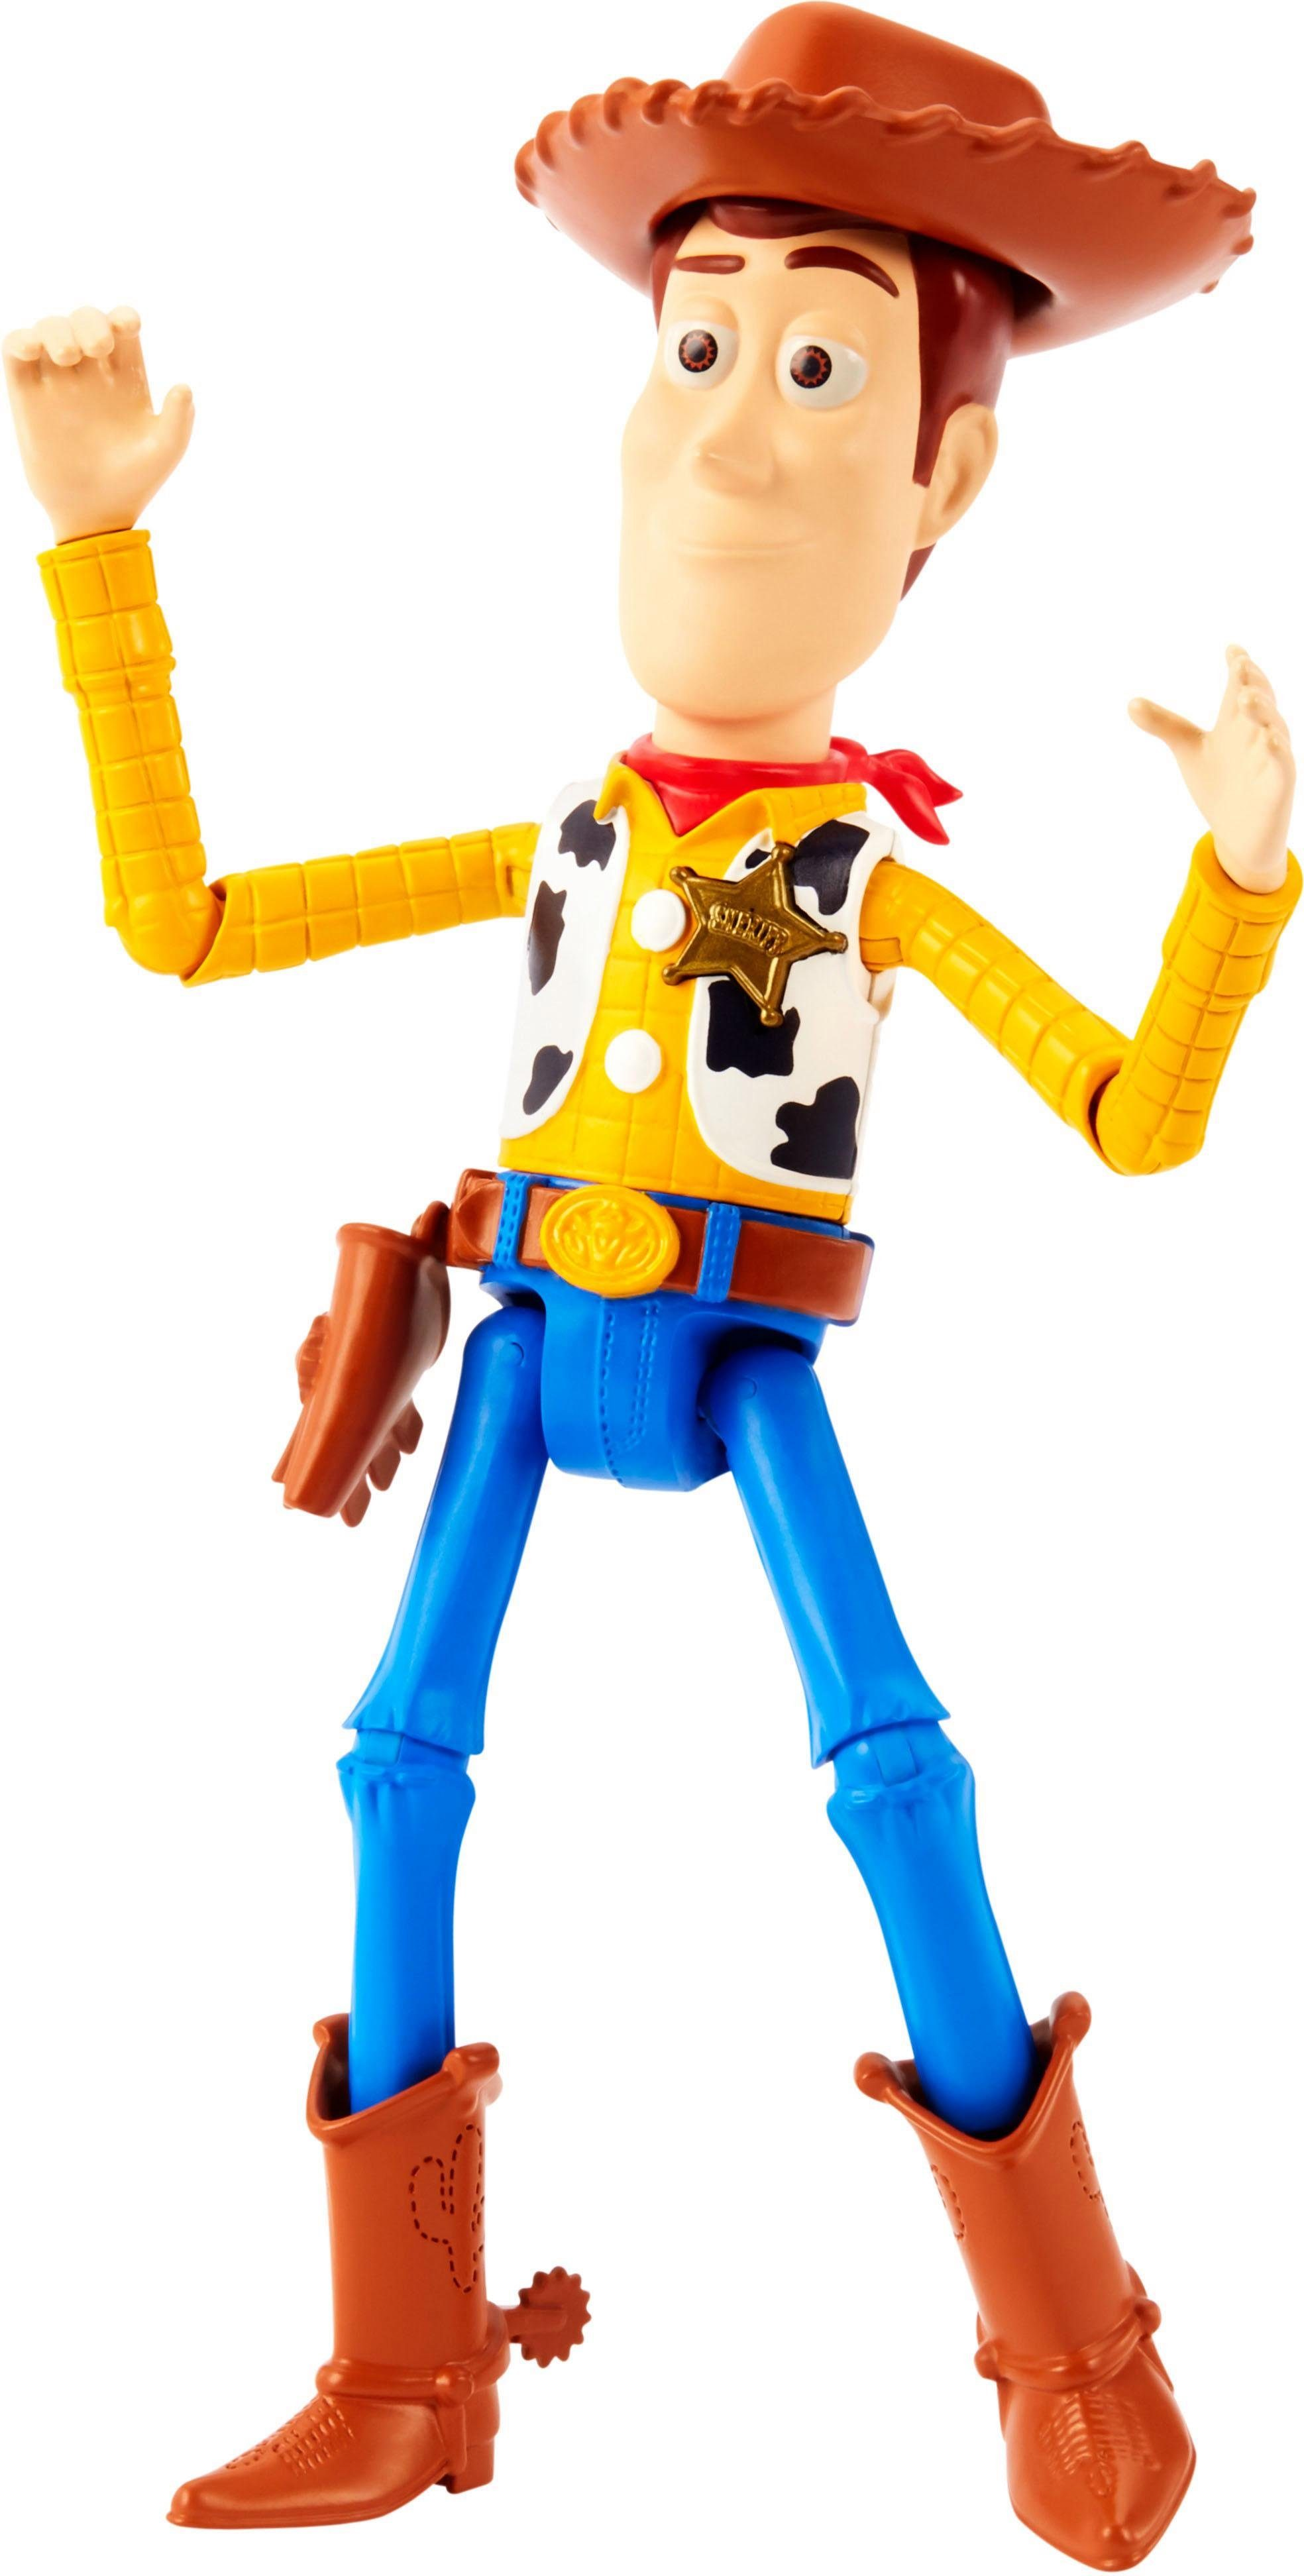 260 # Lego Figur Zubehör Kopf Mann